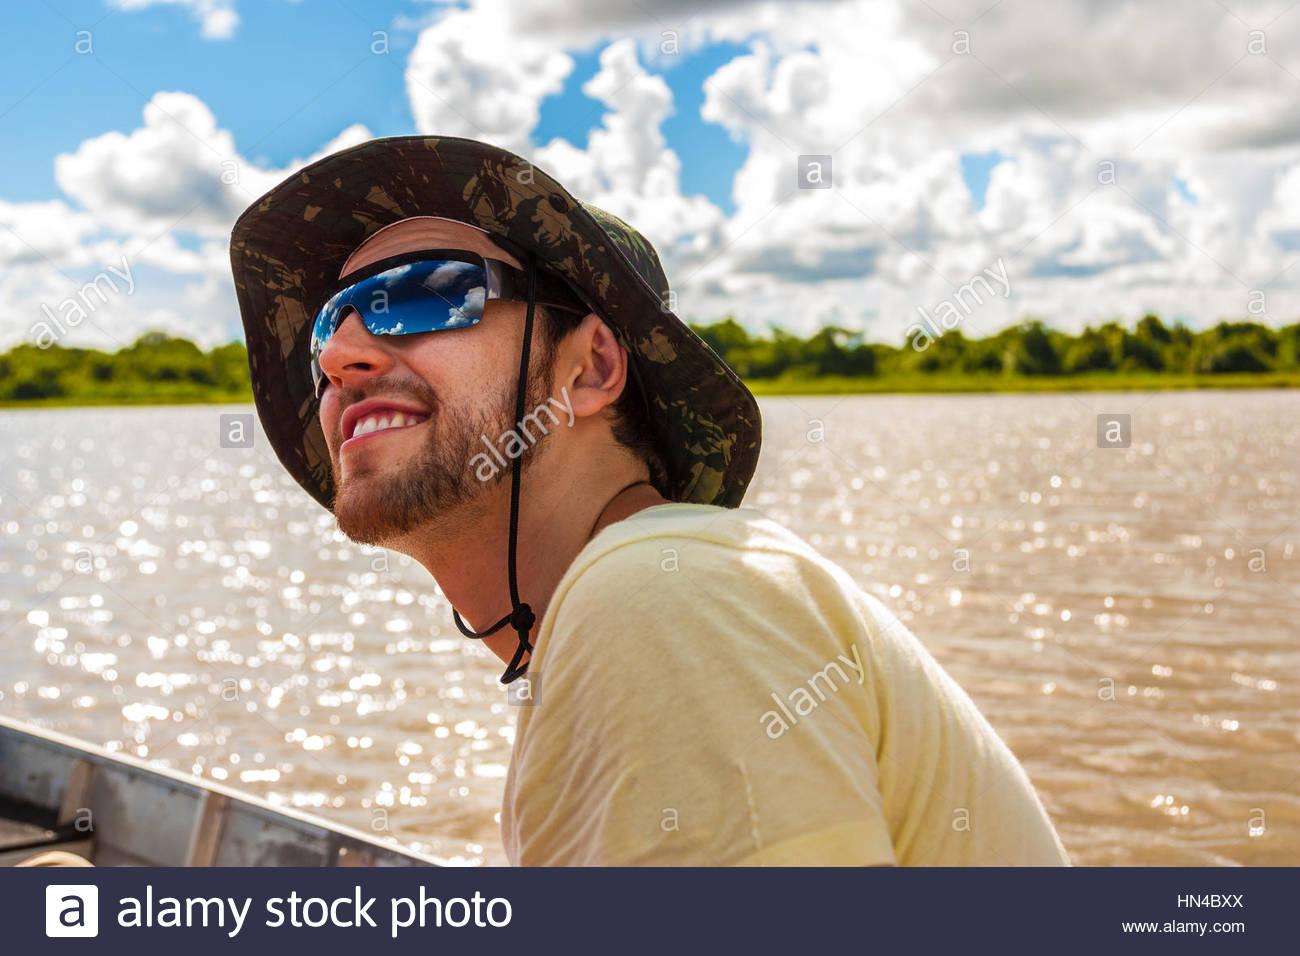 Young man exploring a wetlands in Pantanal, Brazil - Stock Image